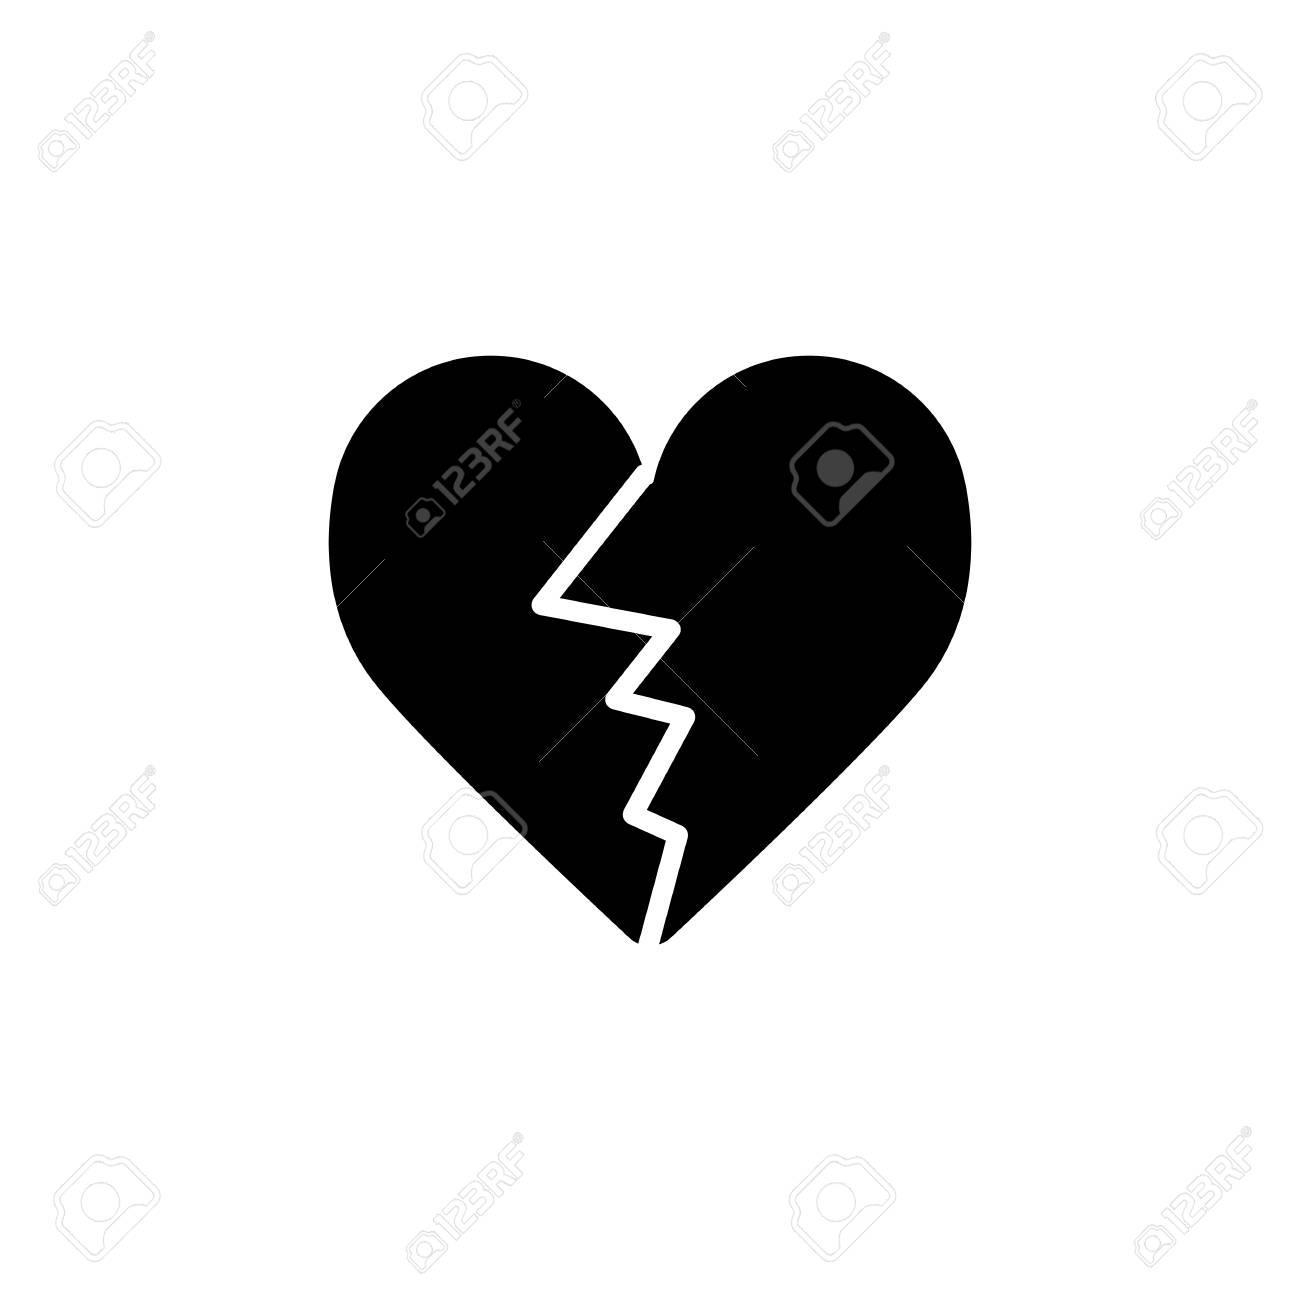 Icône De Vecteur De Coeur Fissuré Illustration D Amour Noir Et Blanc Icône Linéaire Solide Du C Ur Brisé